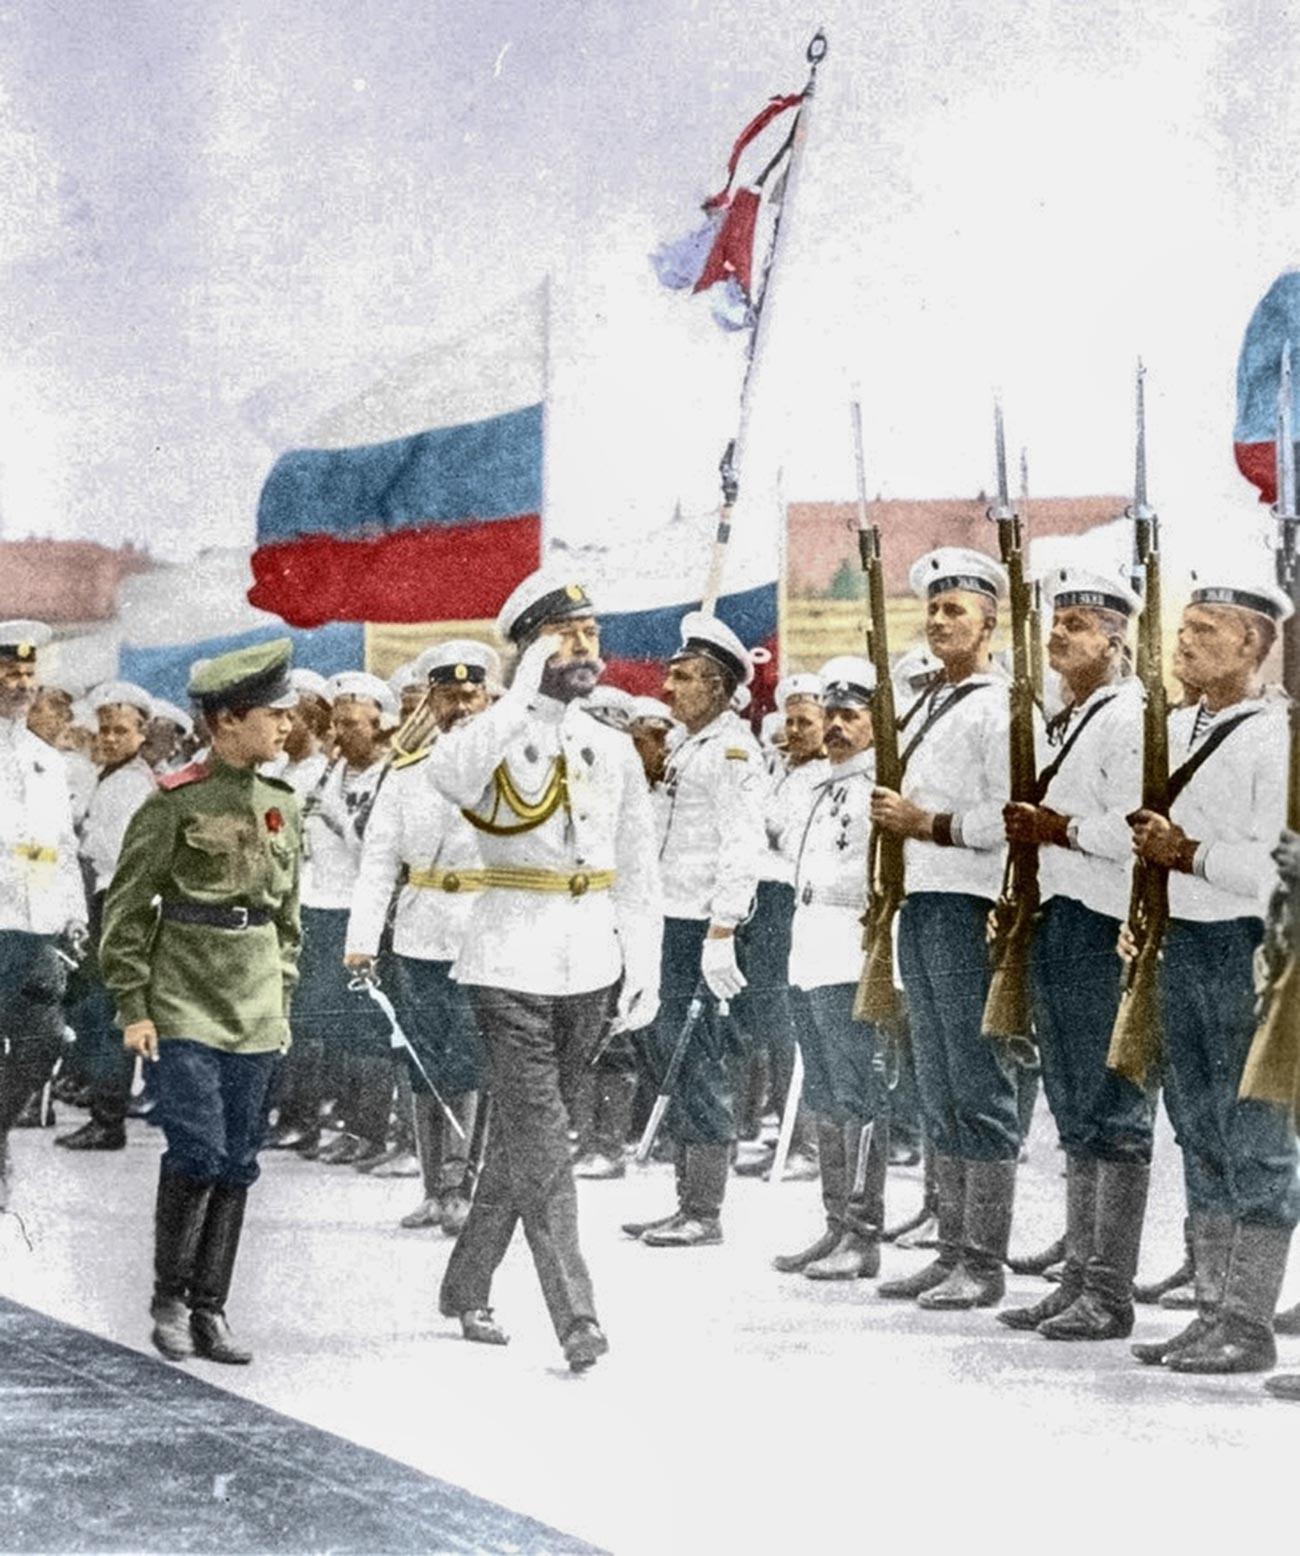 Am 12. Mai 1896 führte Seine Kaiserliche Majestät Souveräner Kaiser Nikolaus II. die weiß-blau-rote Flagge als nationale Flagge ein.